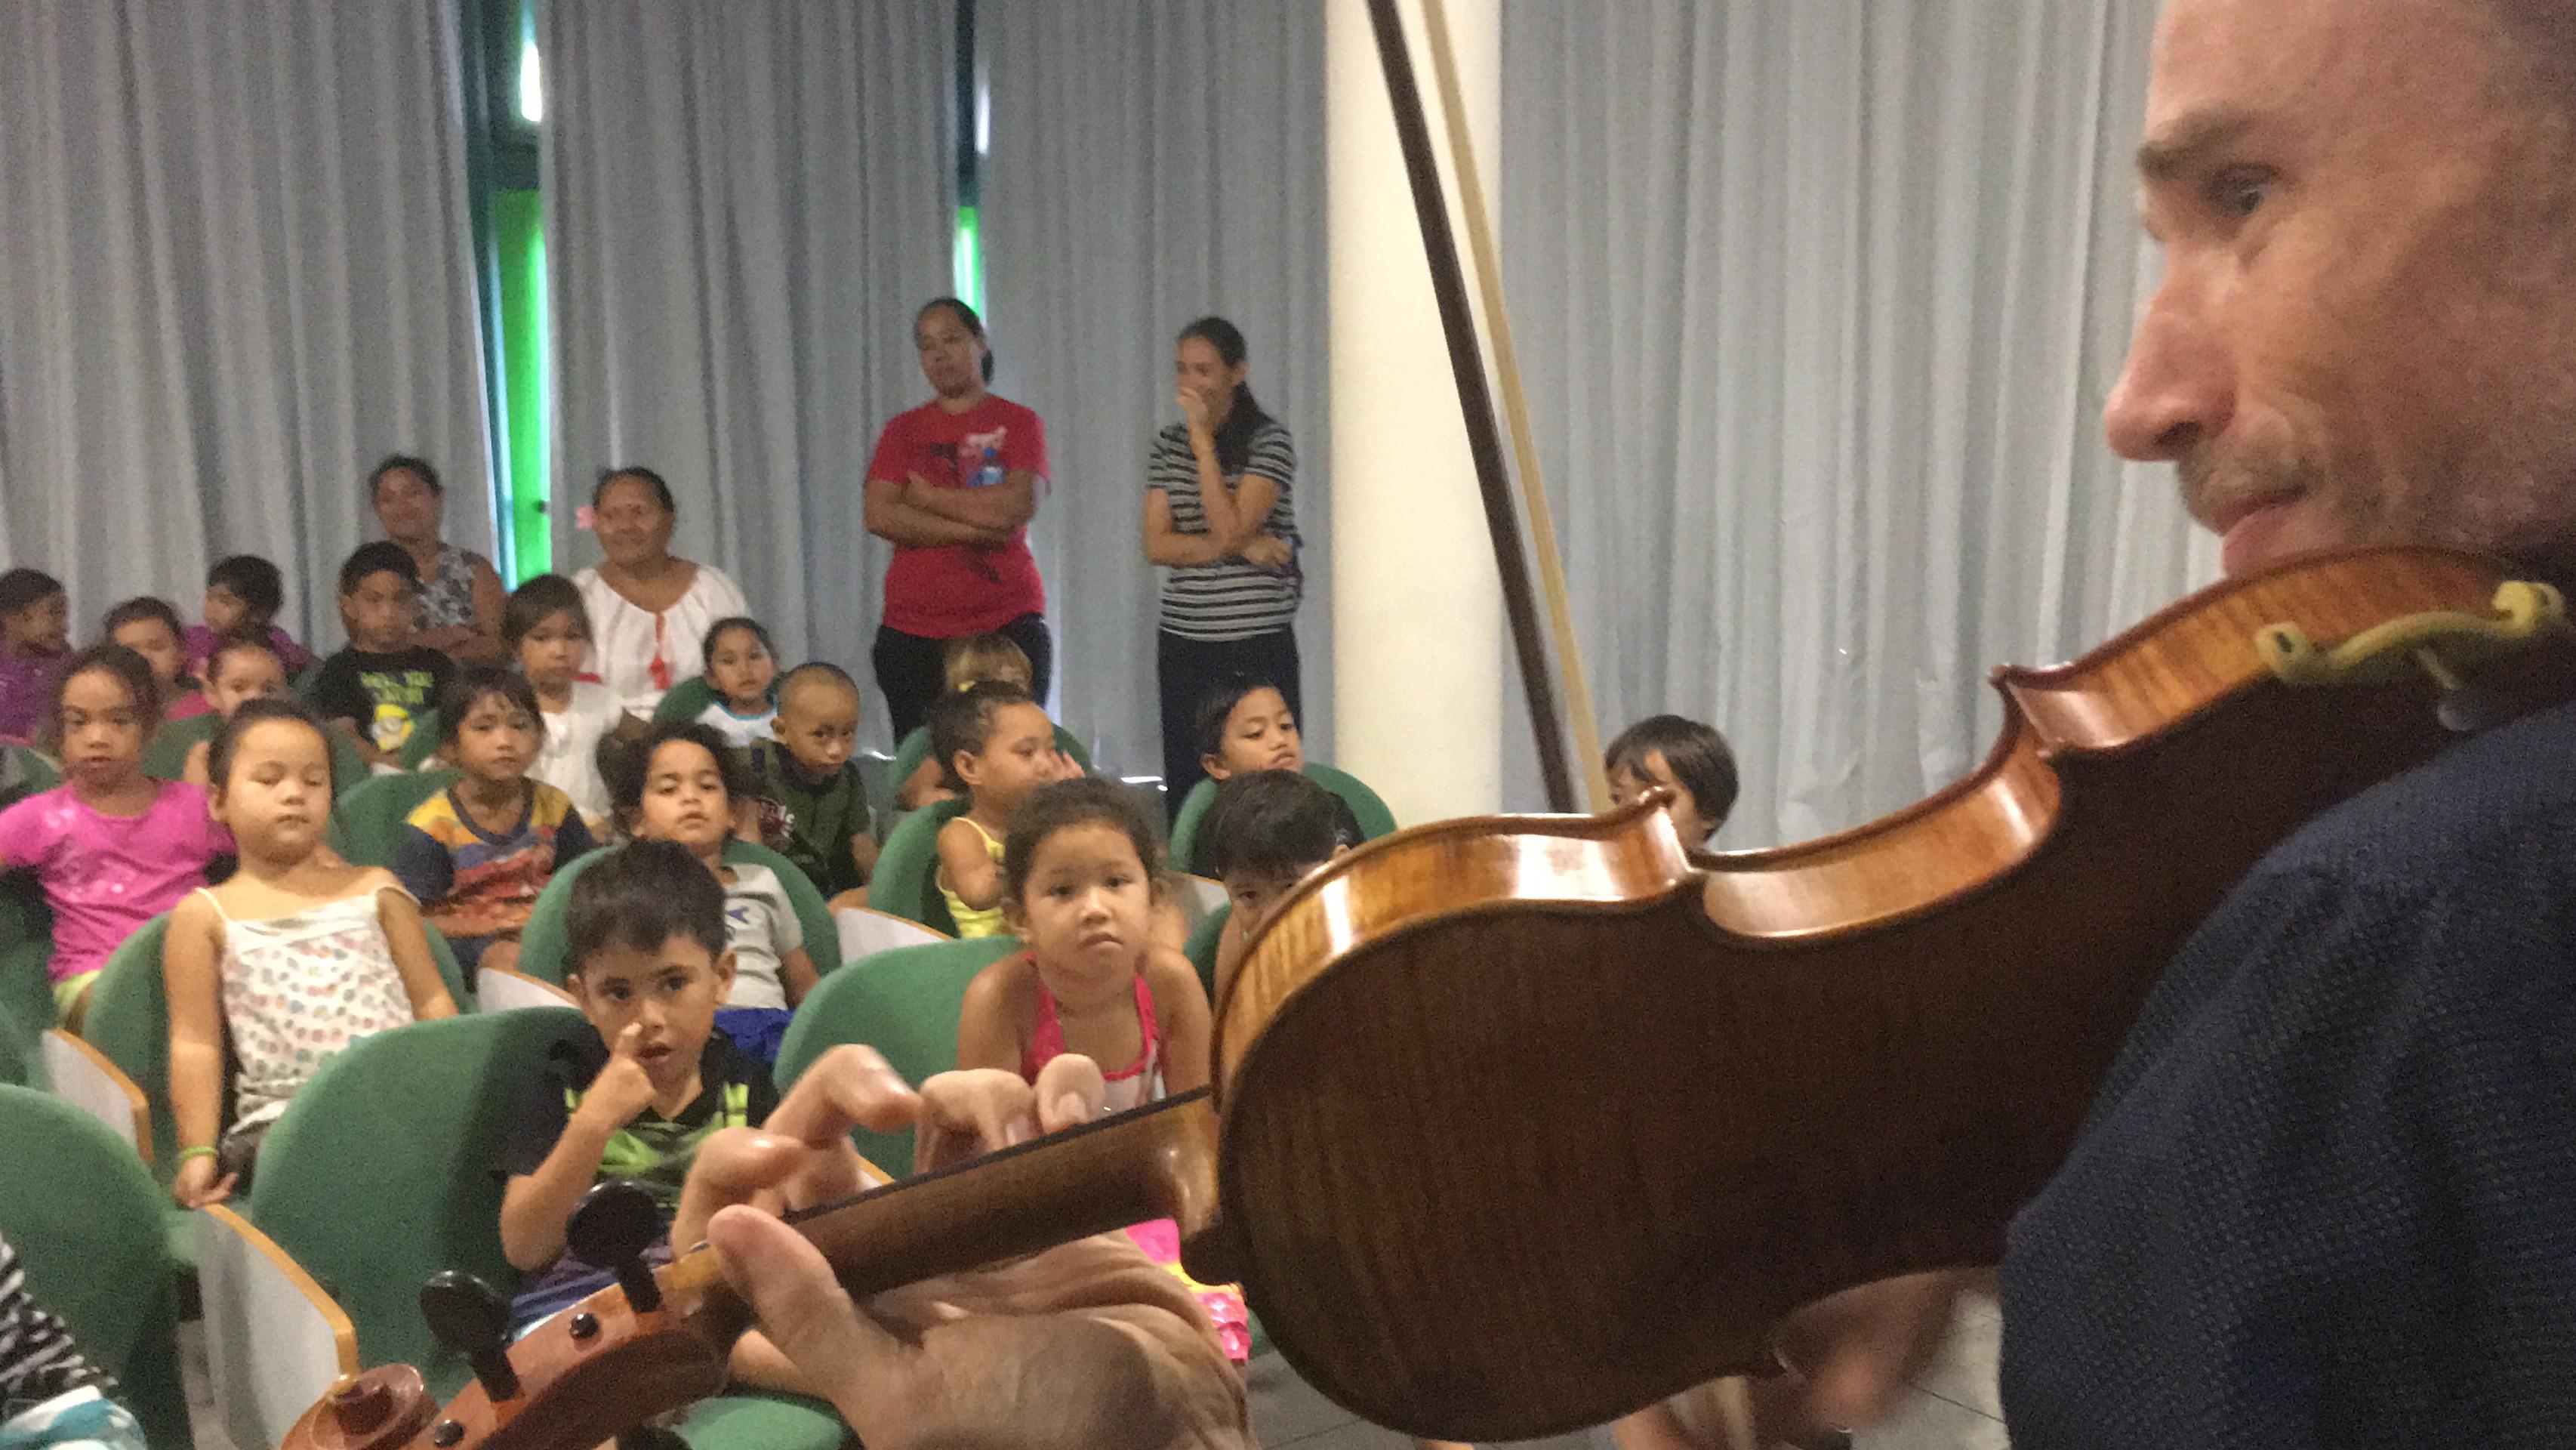 Les enfants ont découvert l'univers merveilleux de la musique.